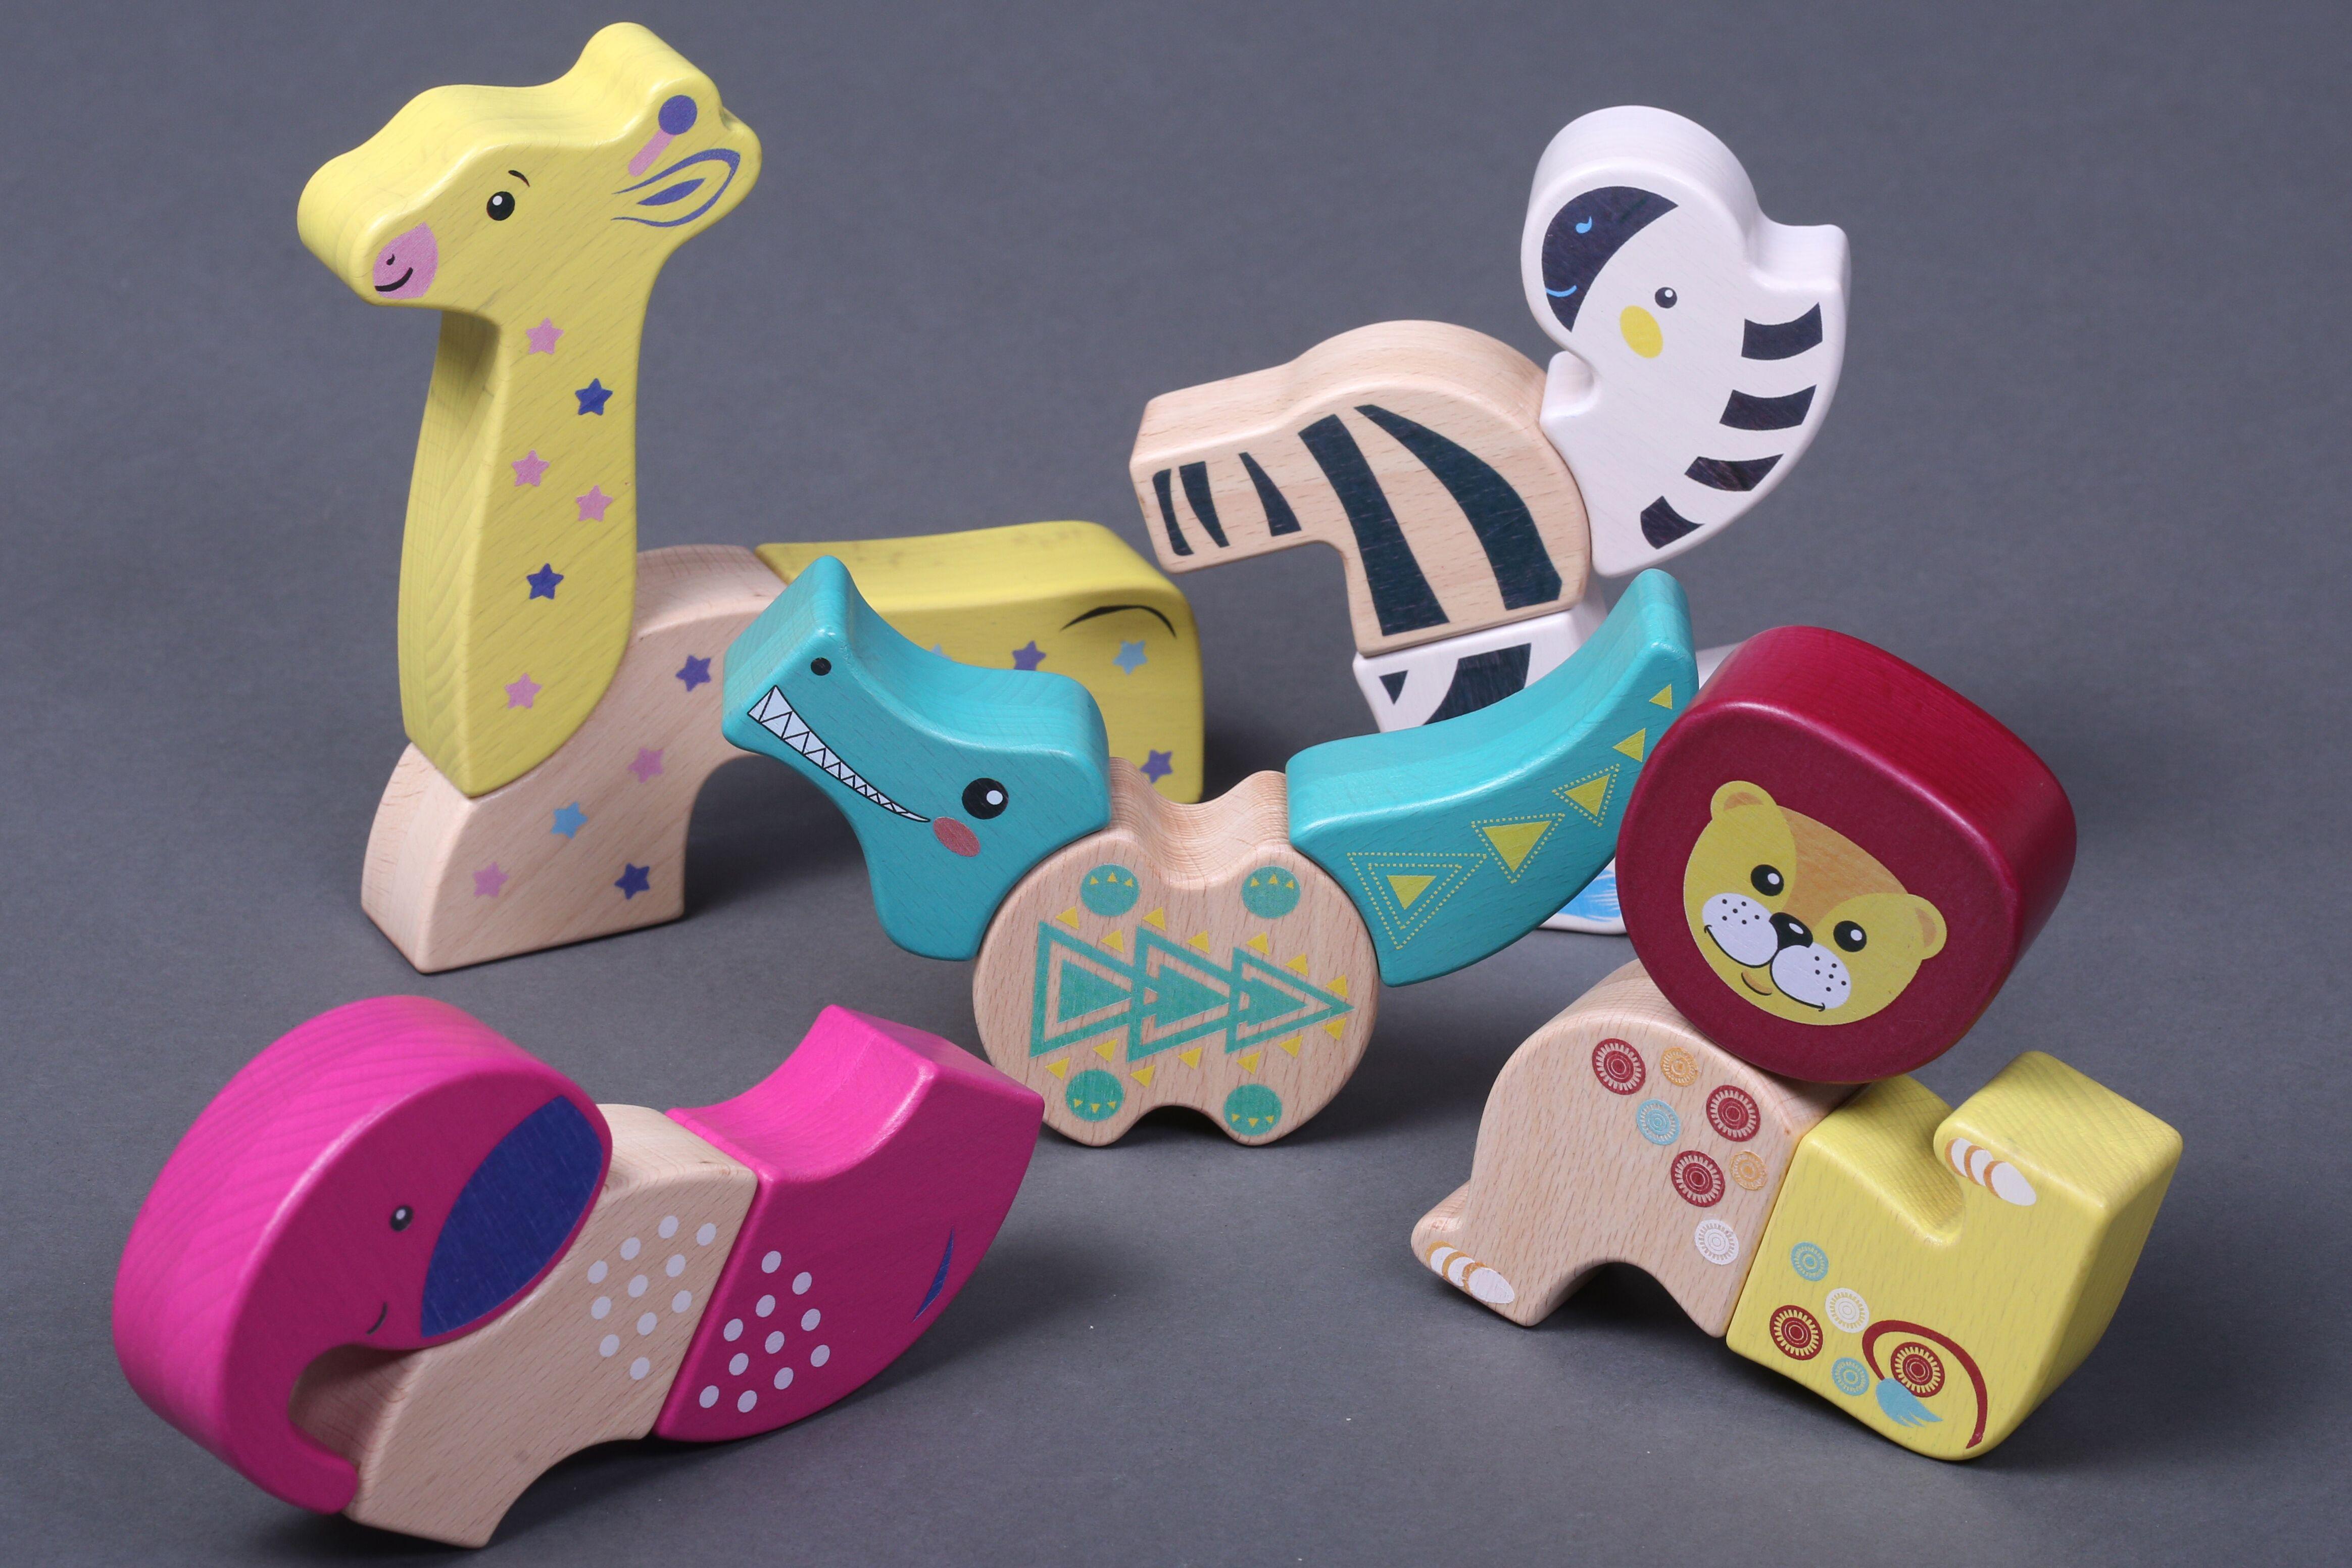 Українські іграшки вийшли на Kickstarter, зібравши $6000 у перший день